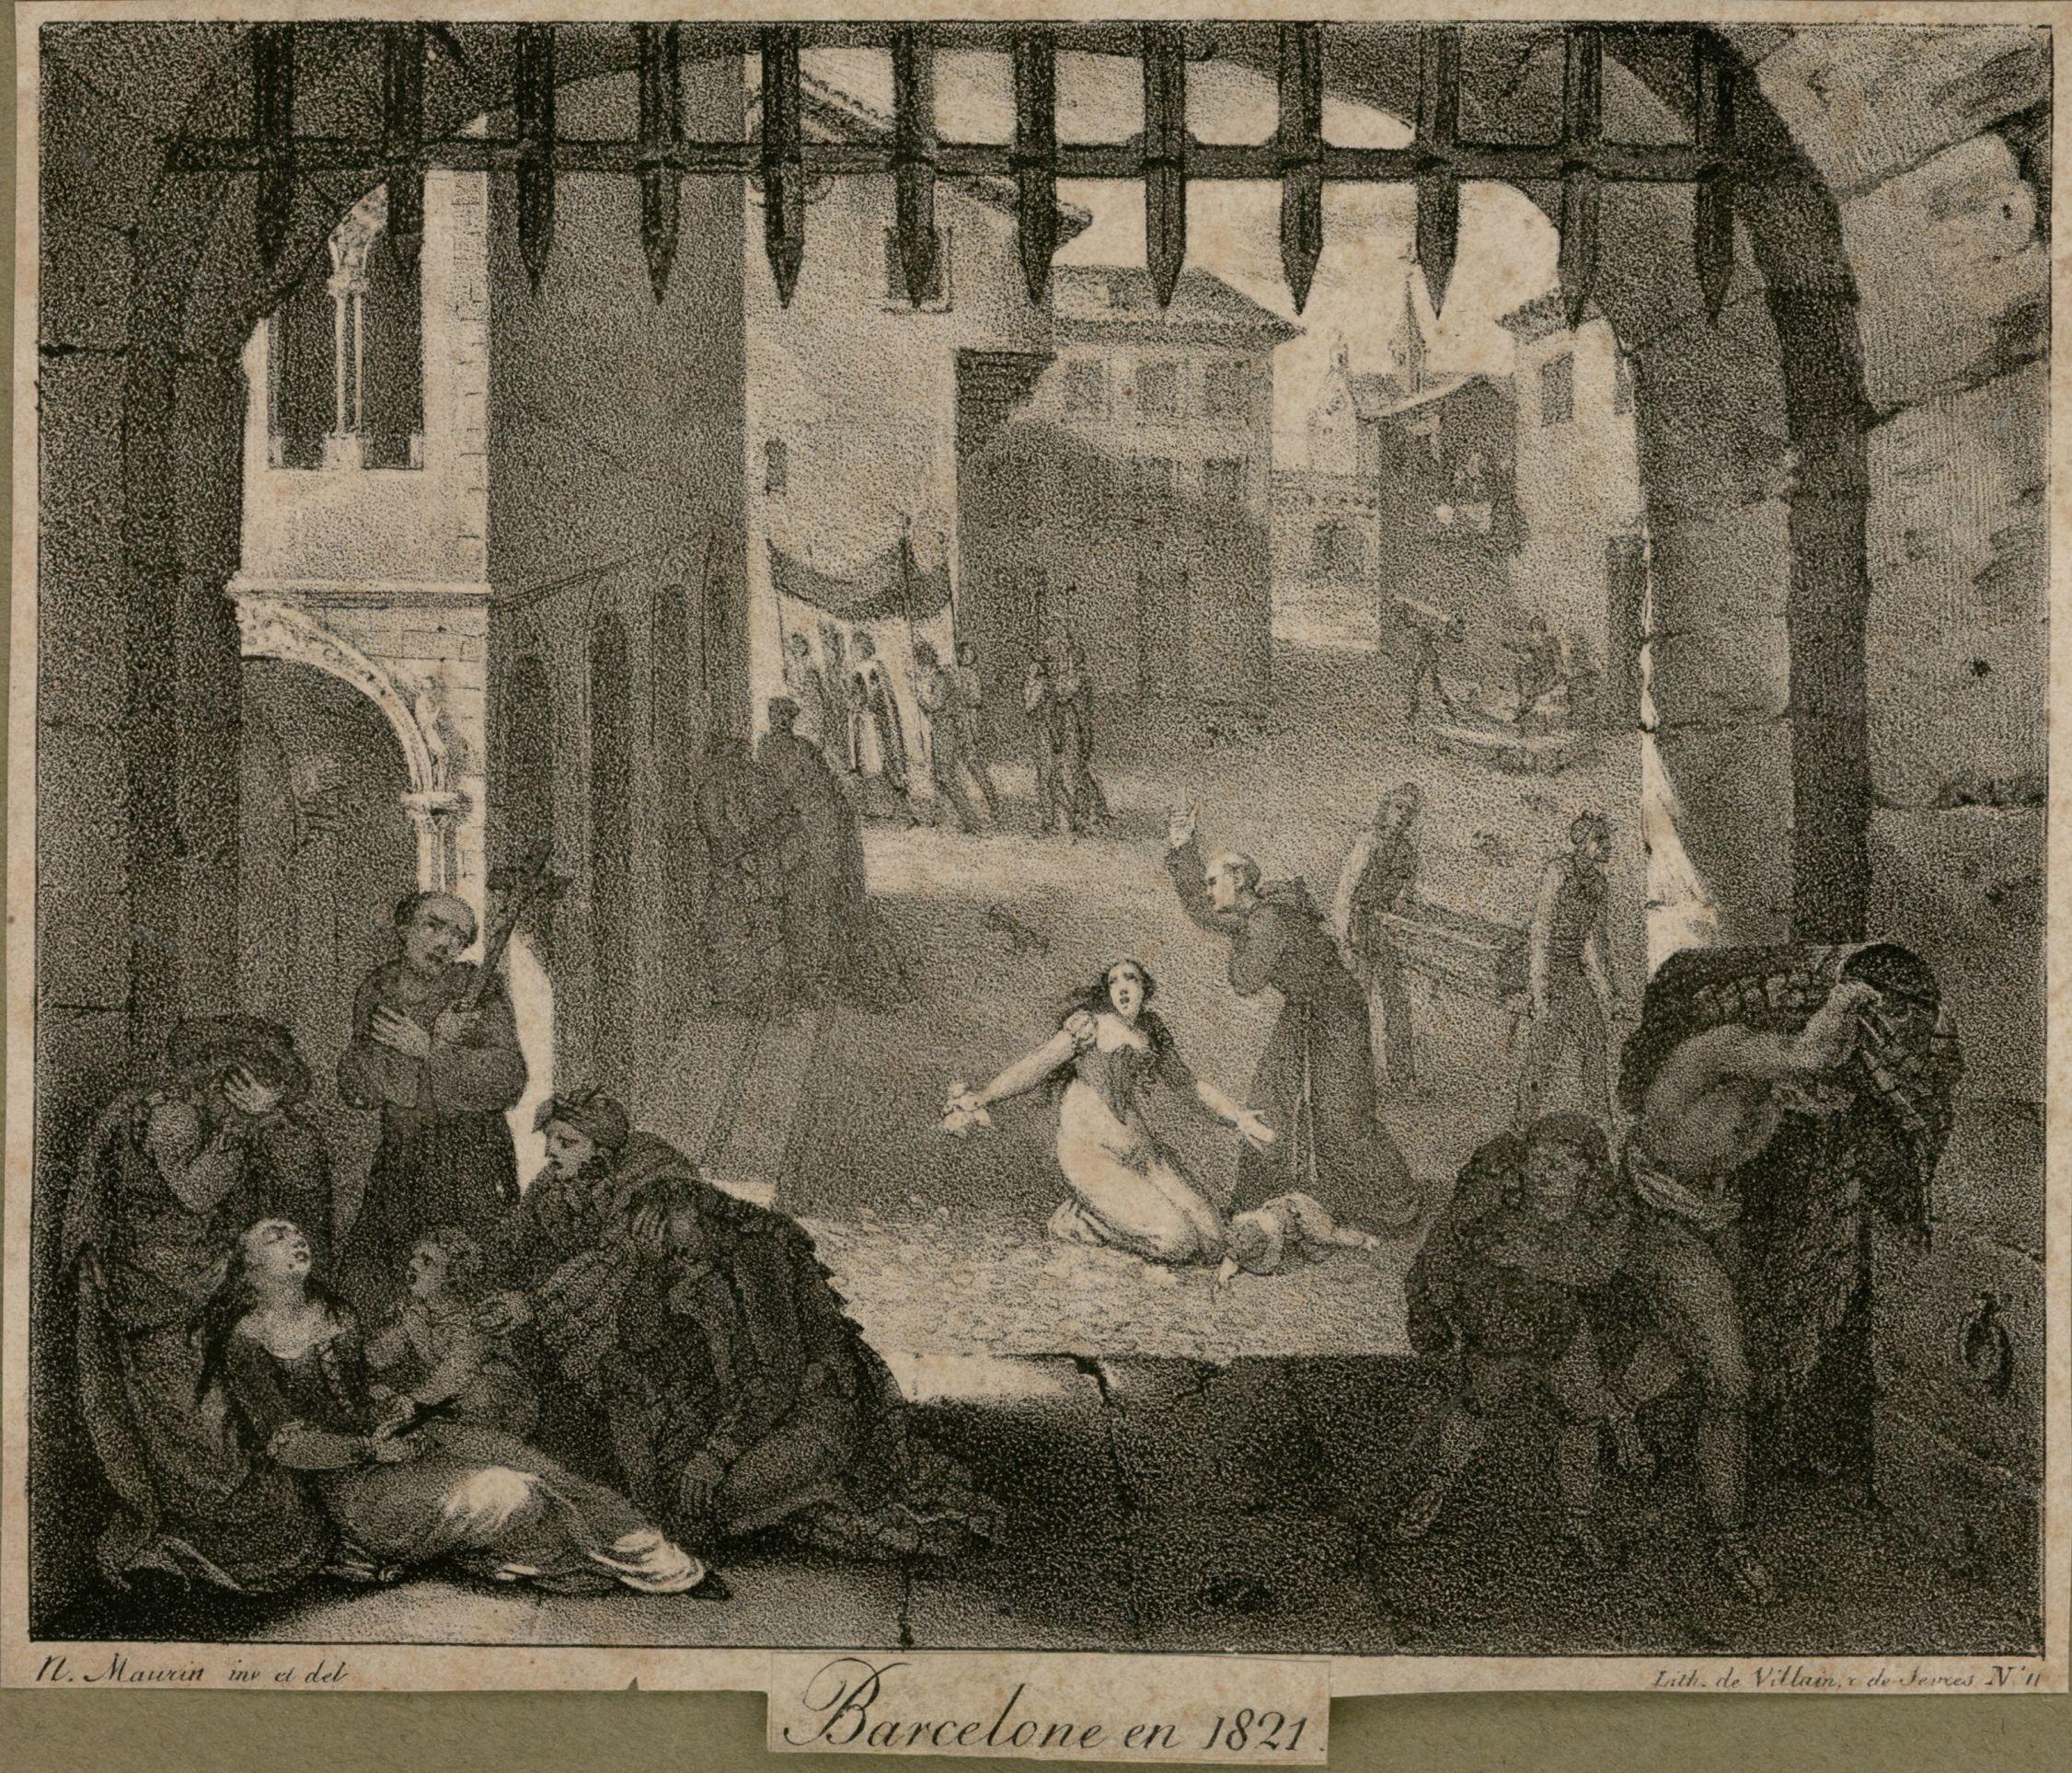 1821. Febre Groga. Aspecte de Barcelona amb els afectats. AHCB 04544